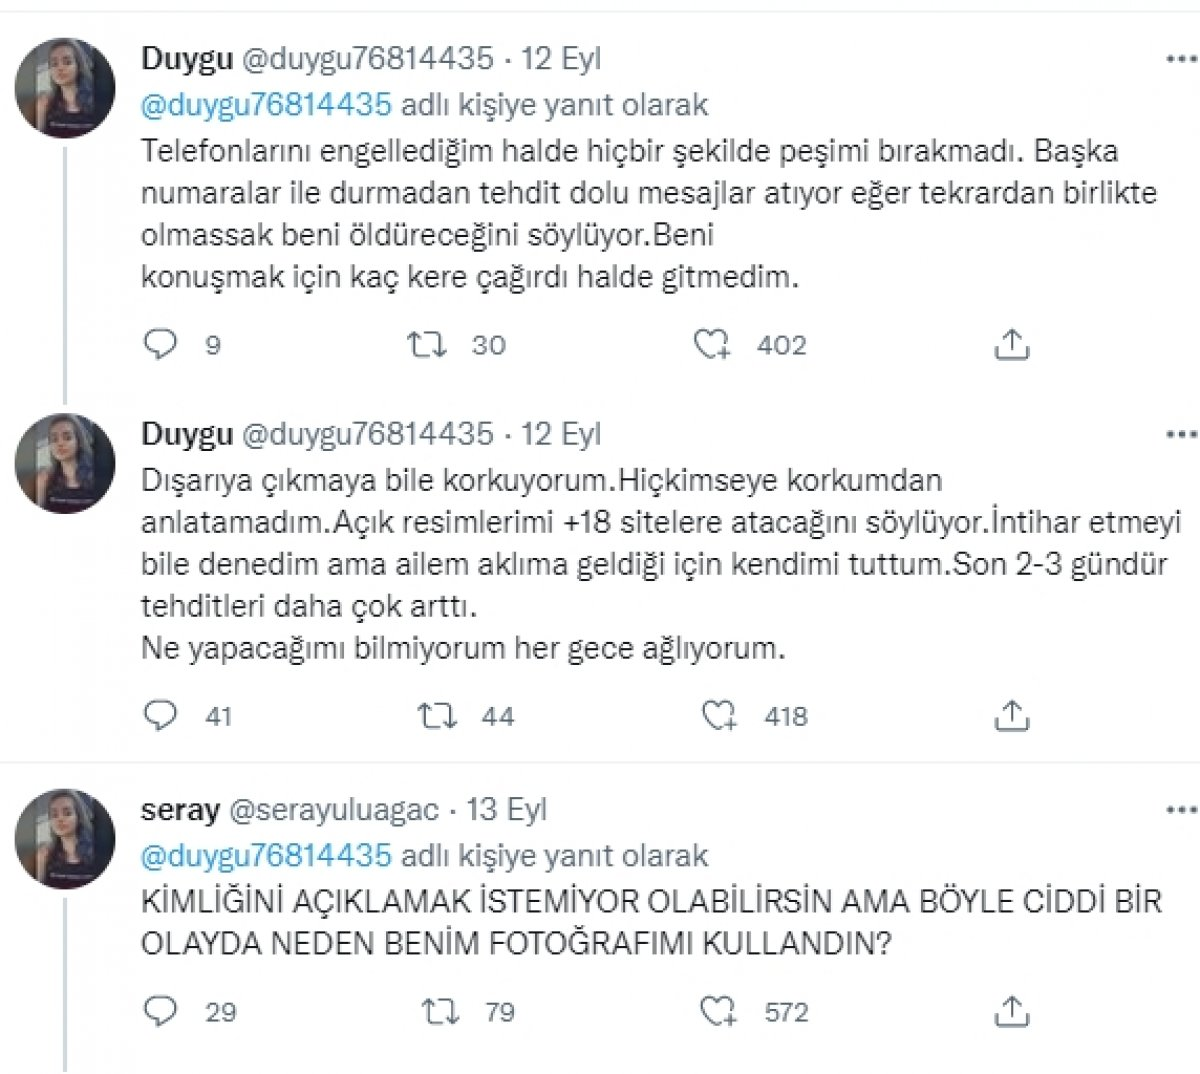 Tecavüze uğradığını söyleyen Duygu isimli hesabın sahibi erkek çıktı #2